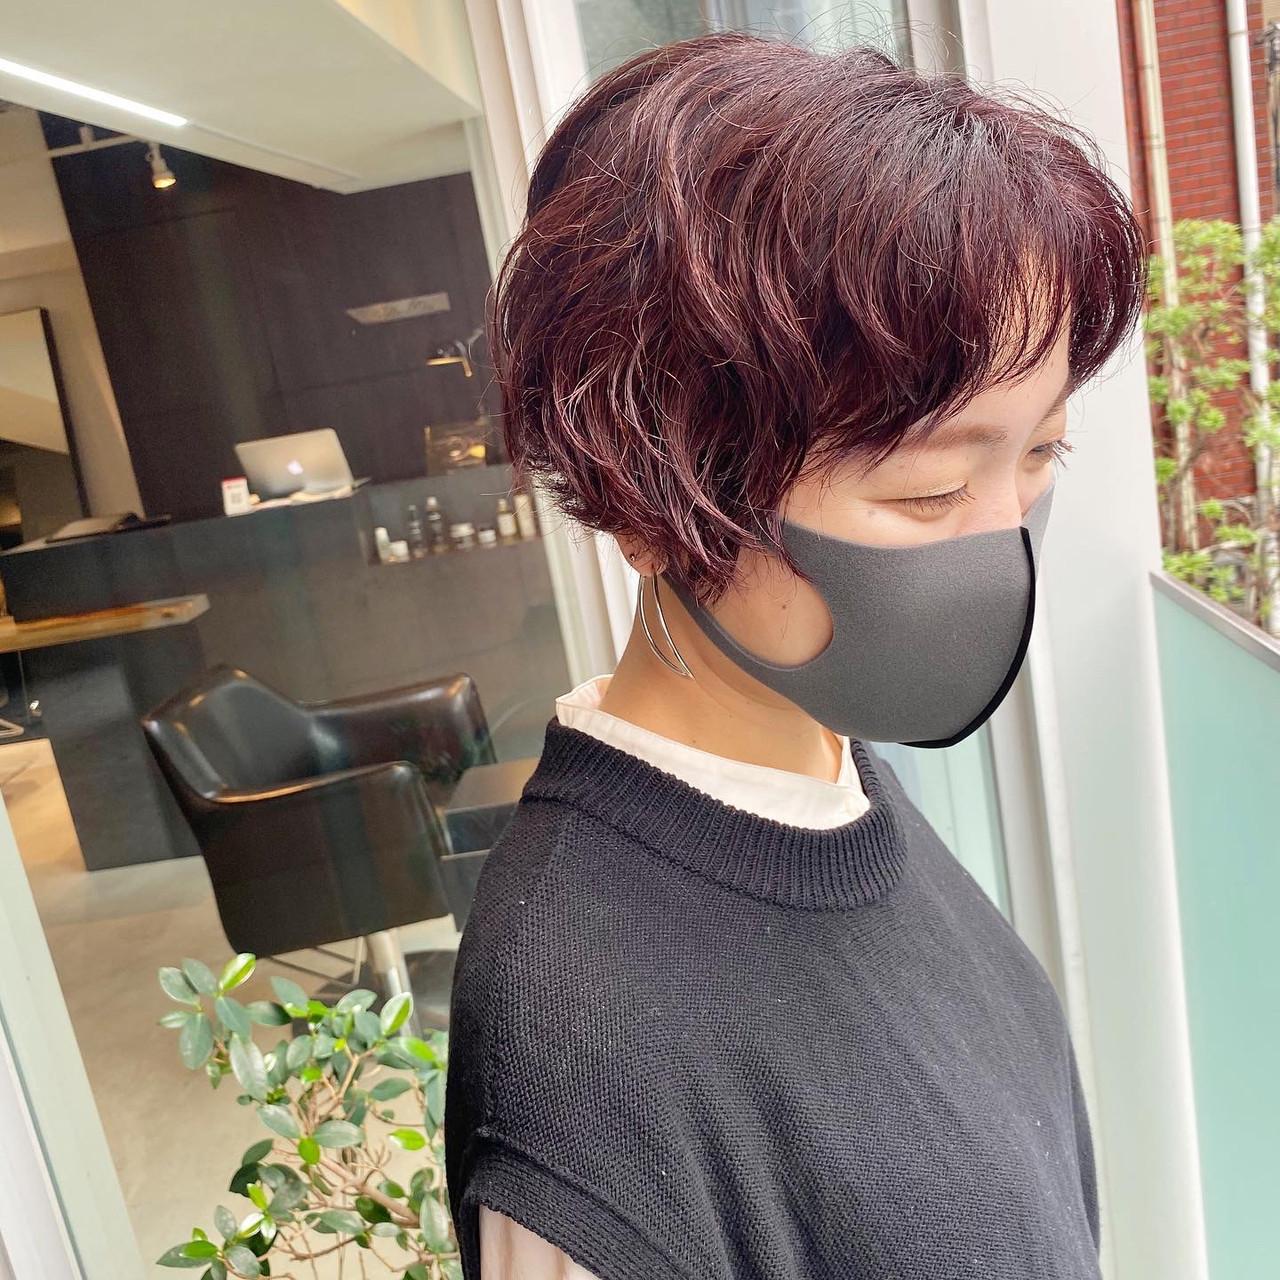 レッドカラー ストリート ハンサムショート くせ毛 ヘアスタイルや髪型の写真・画像